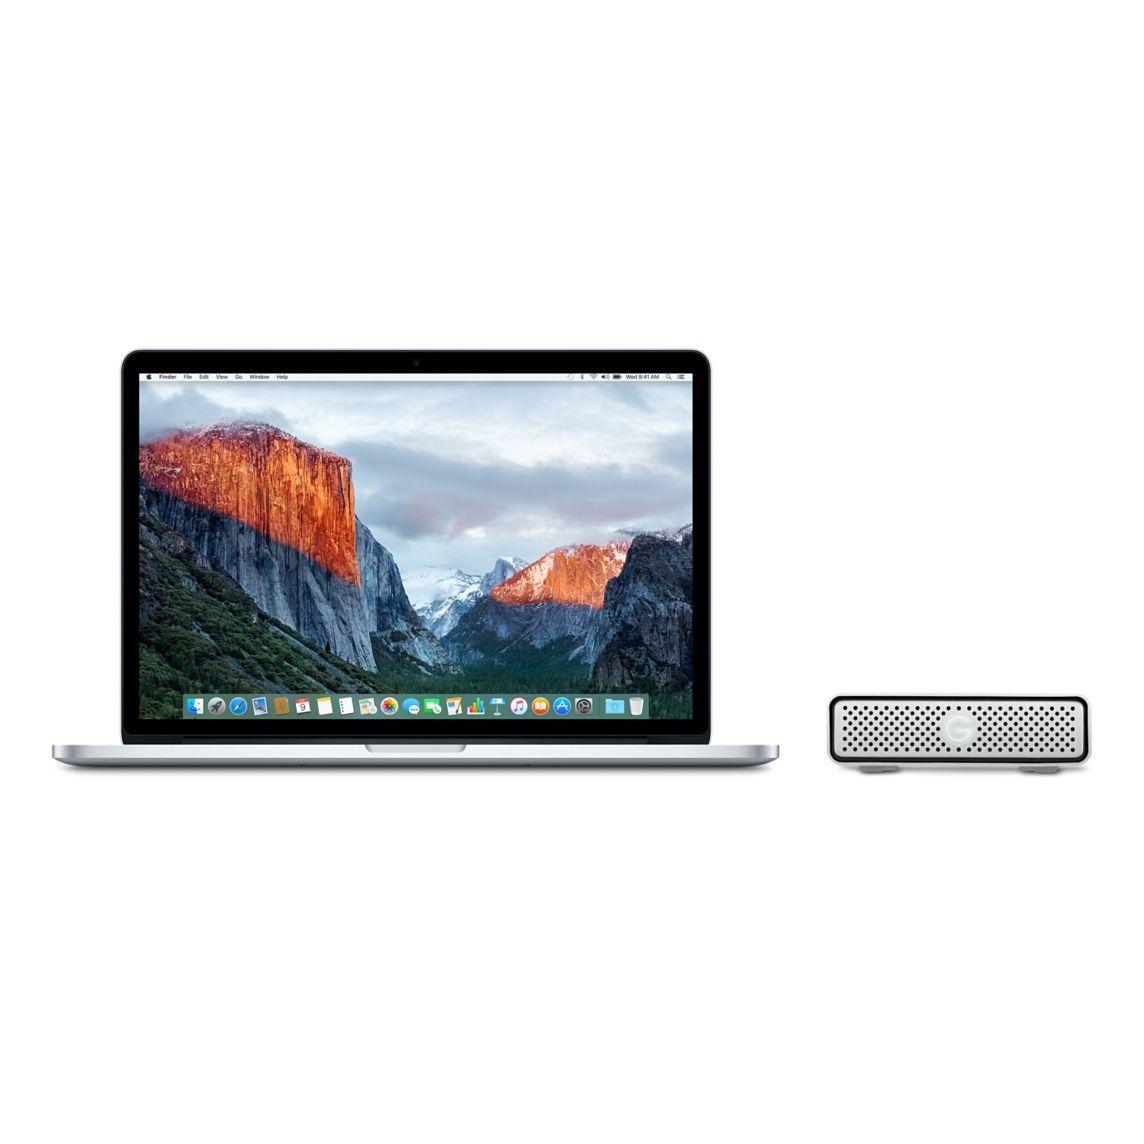 Inline 6 apple macbook pro